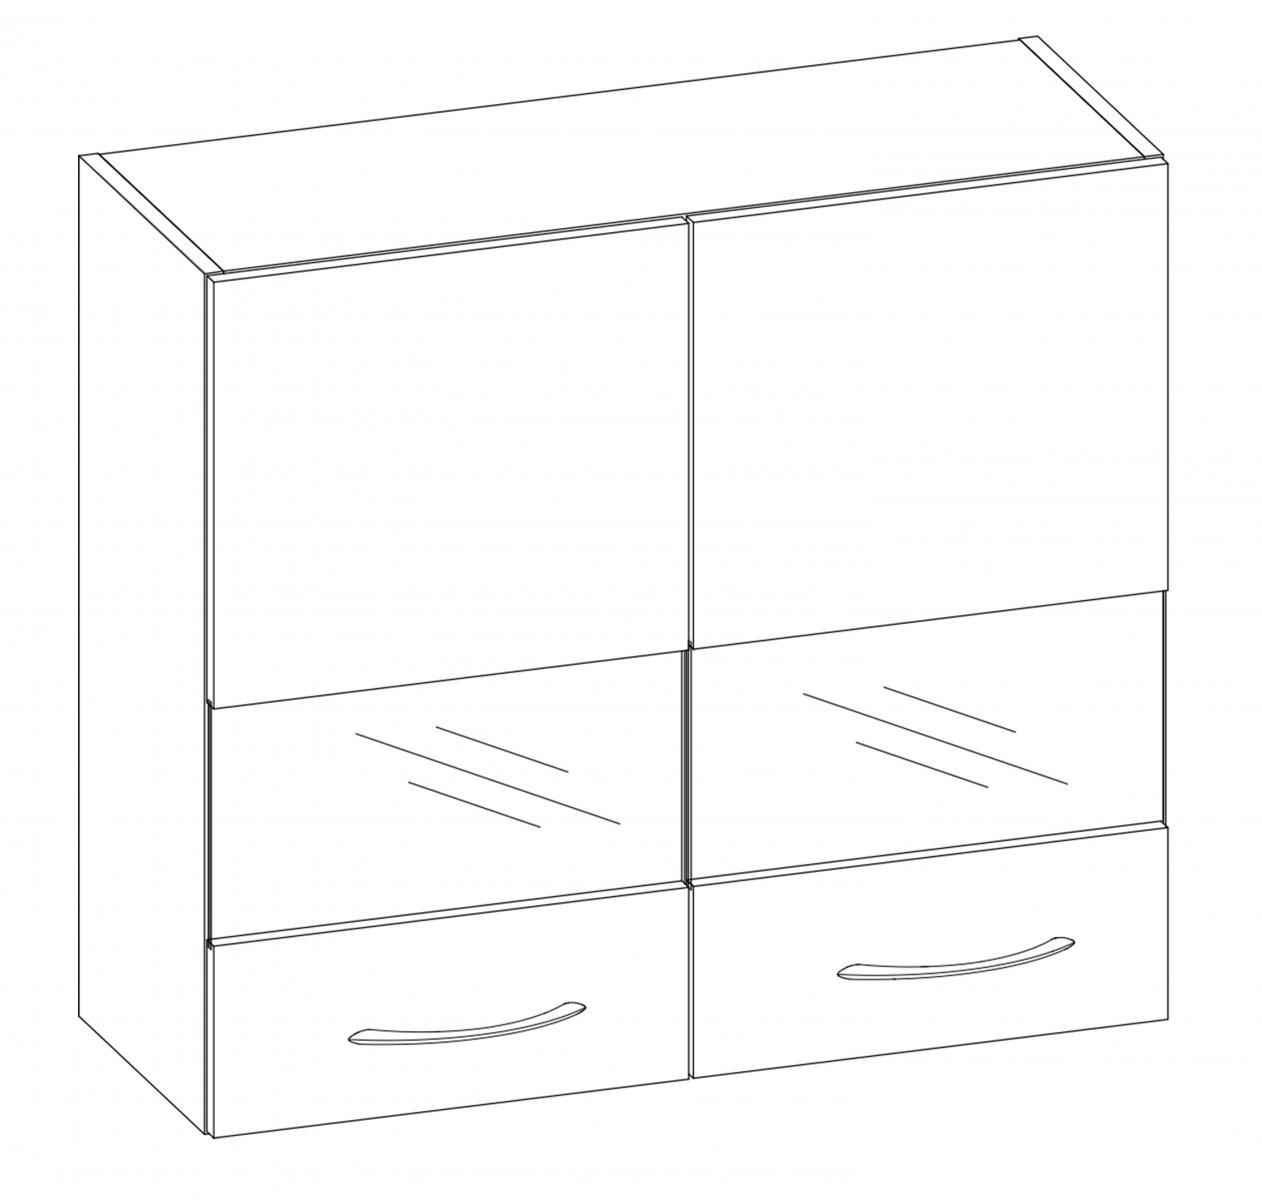 Kuchyňská skříňka Largo 01/G80W sonoma světlá